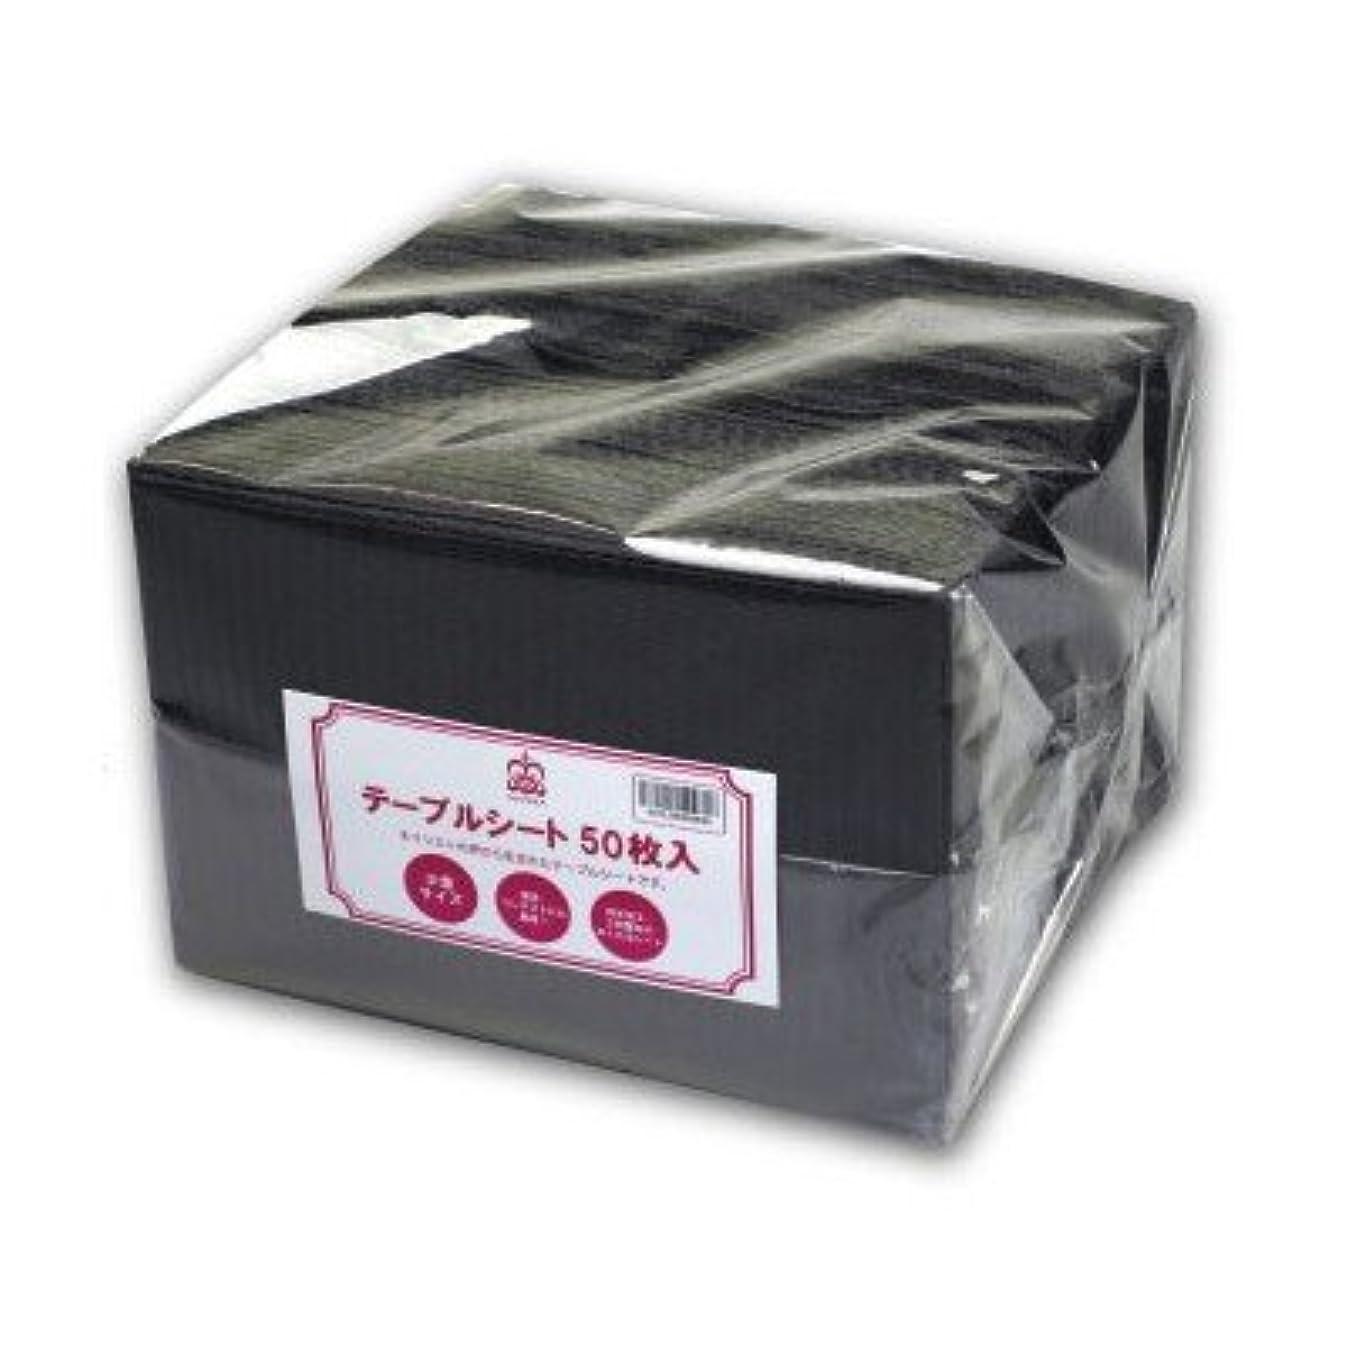 冷凍庫奇妙な該当するミクレア MICREA テーブルシート ブラック 50枚